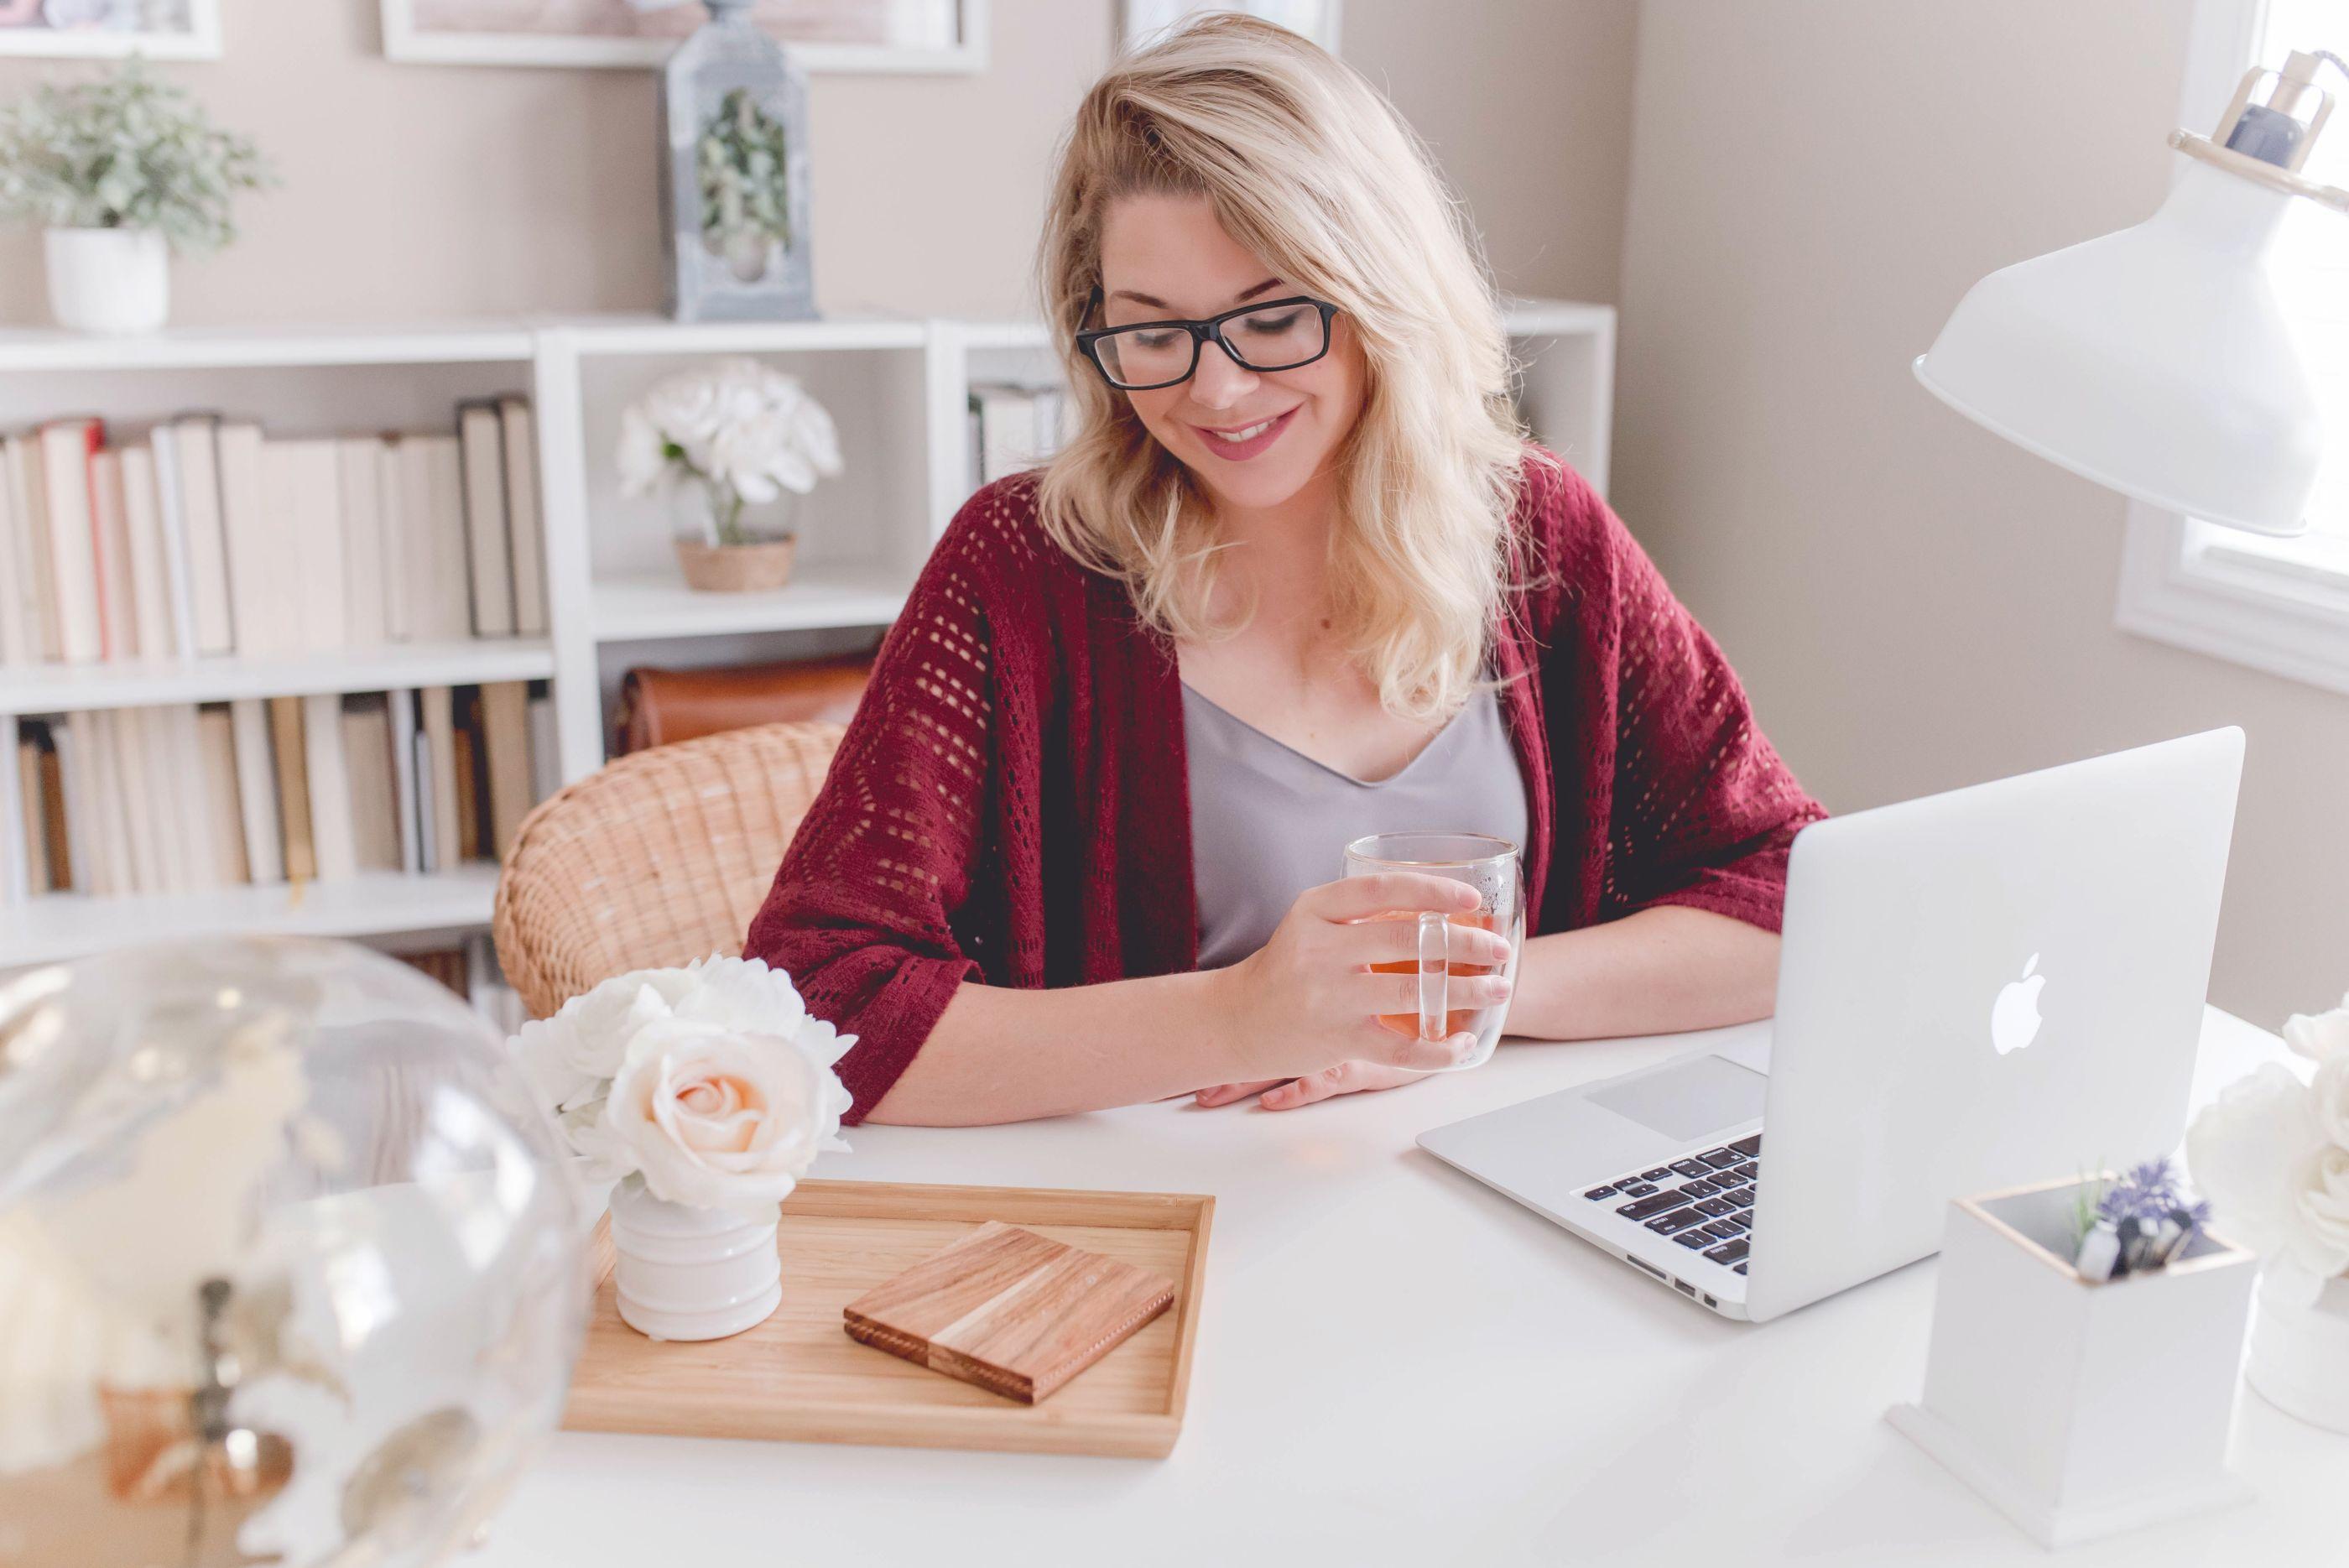 7 tips para triunfar haciendo home office si es tu primera vez